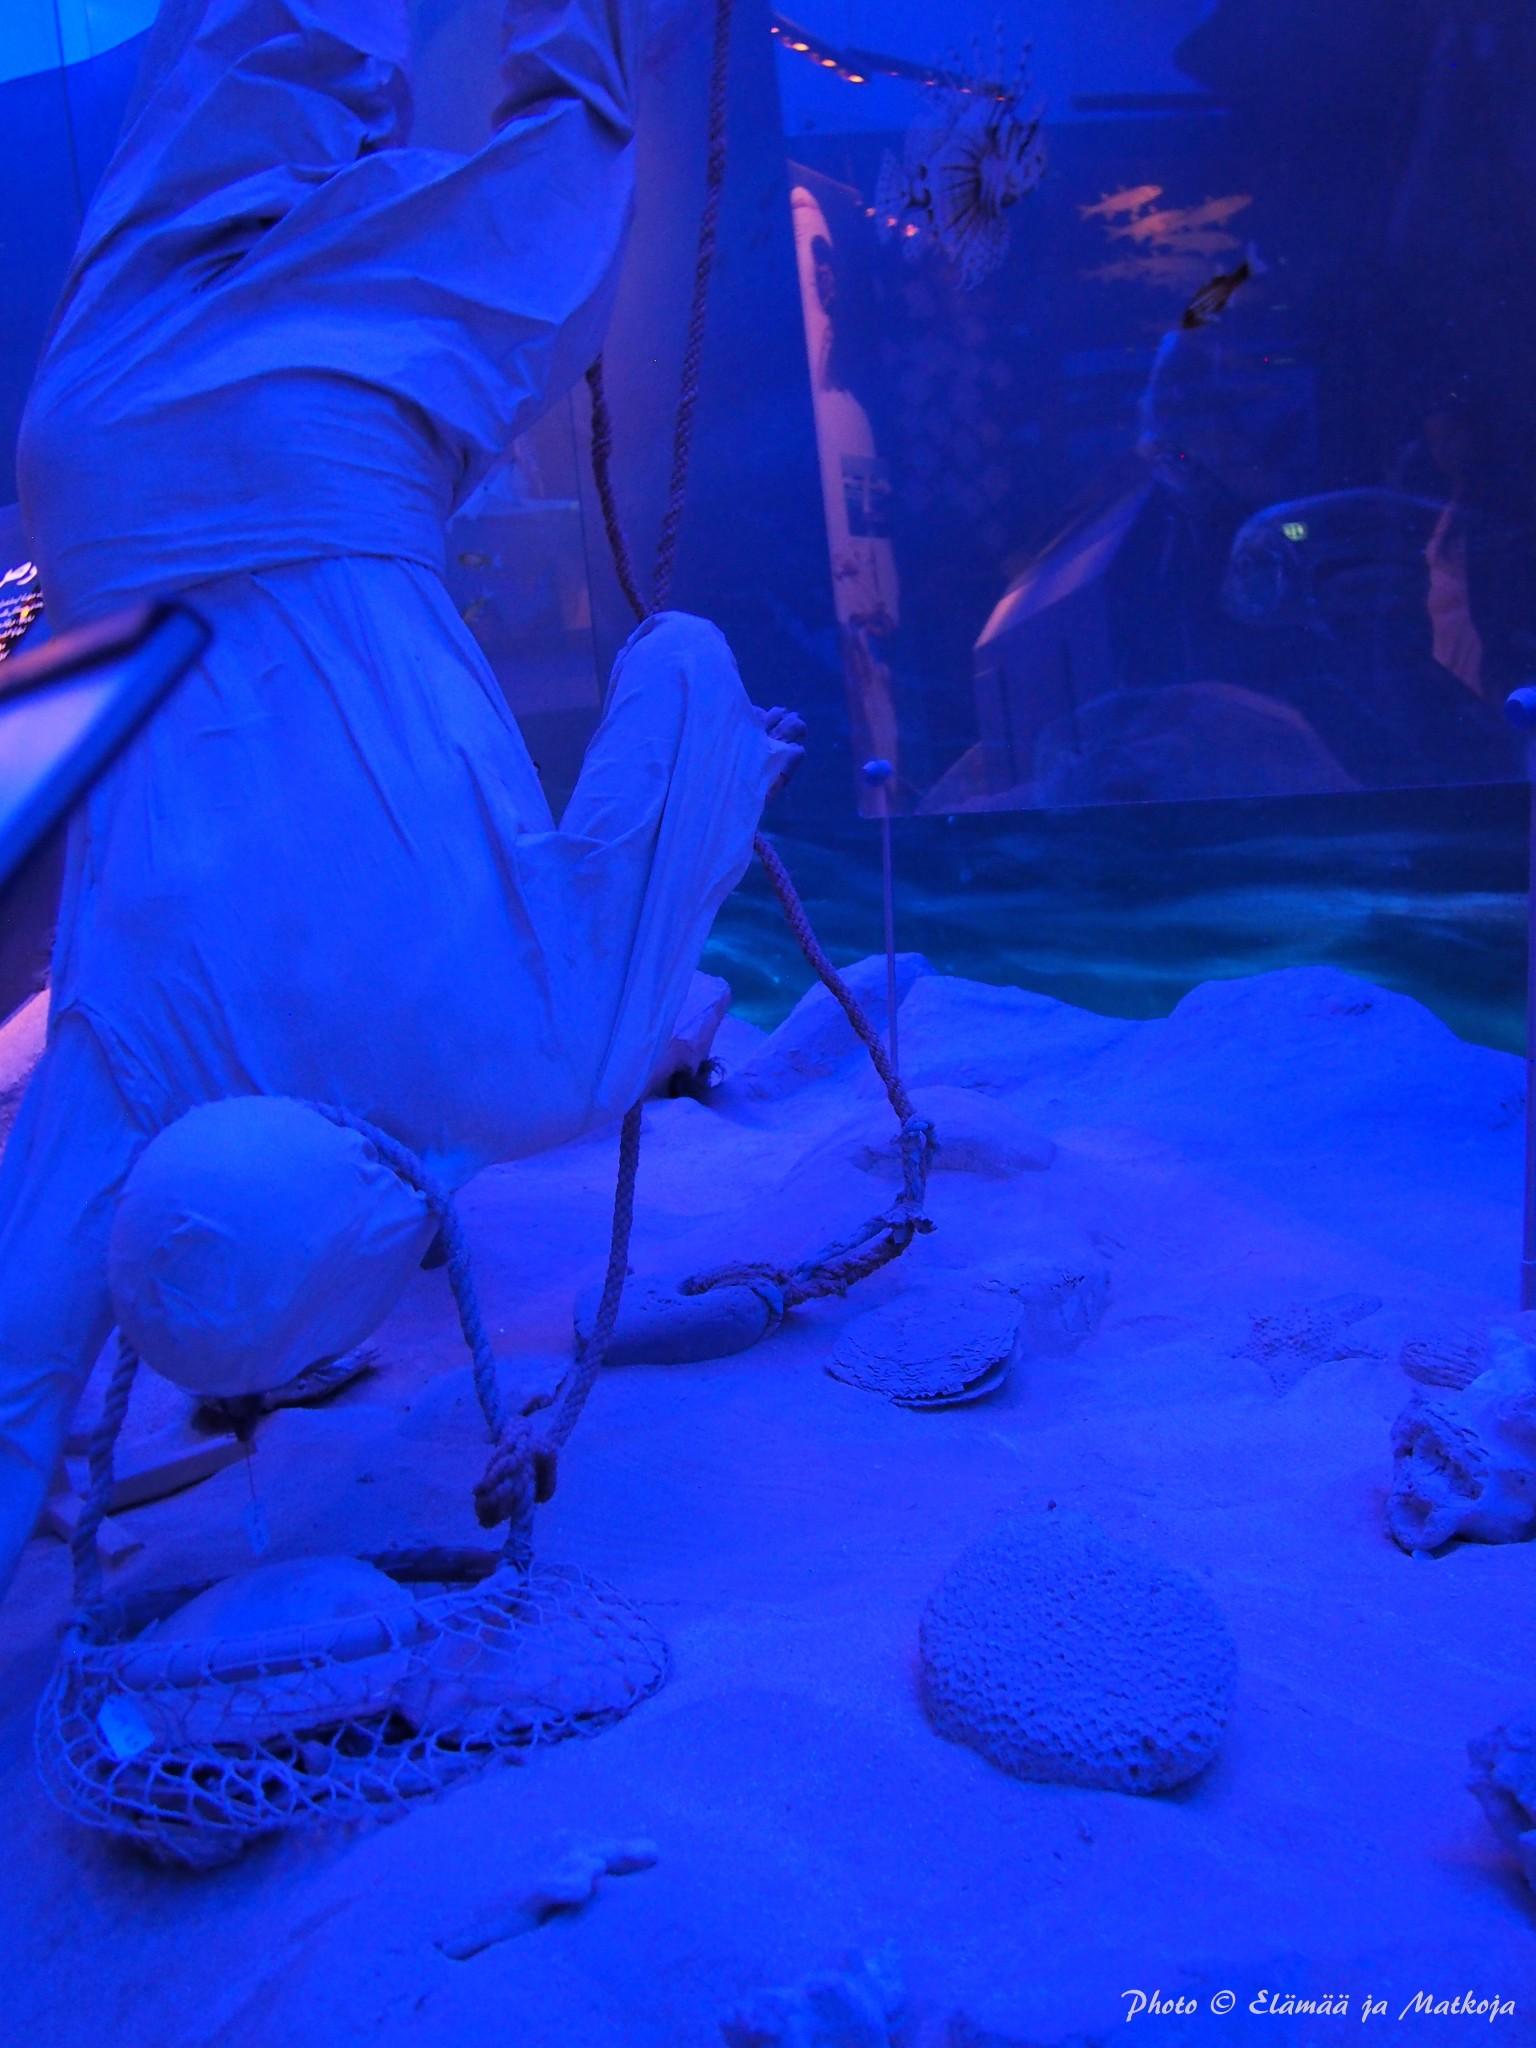 Dubai Museum 19 Photo © Elämää ja Matkoja